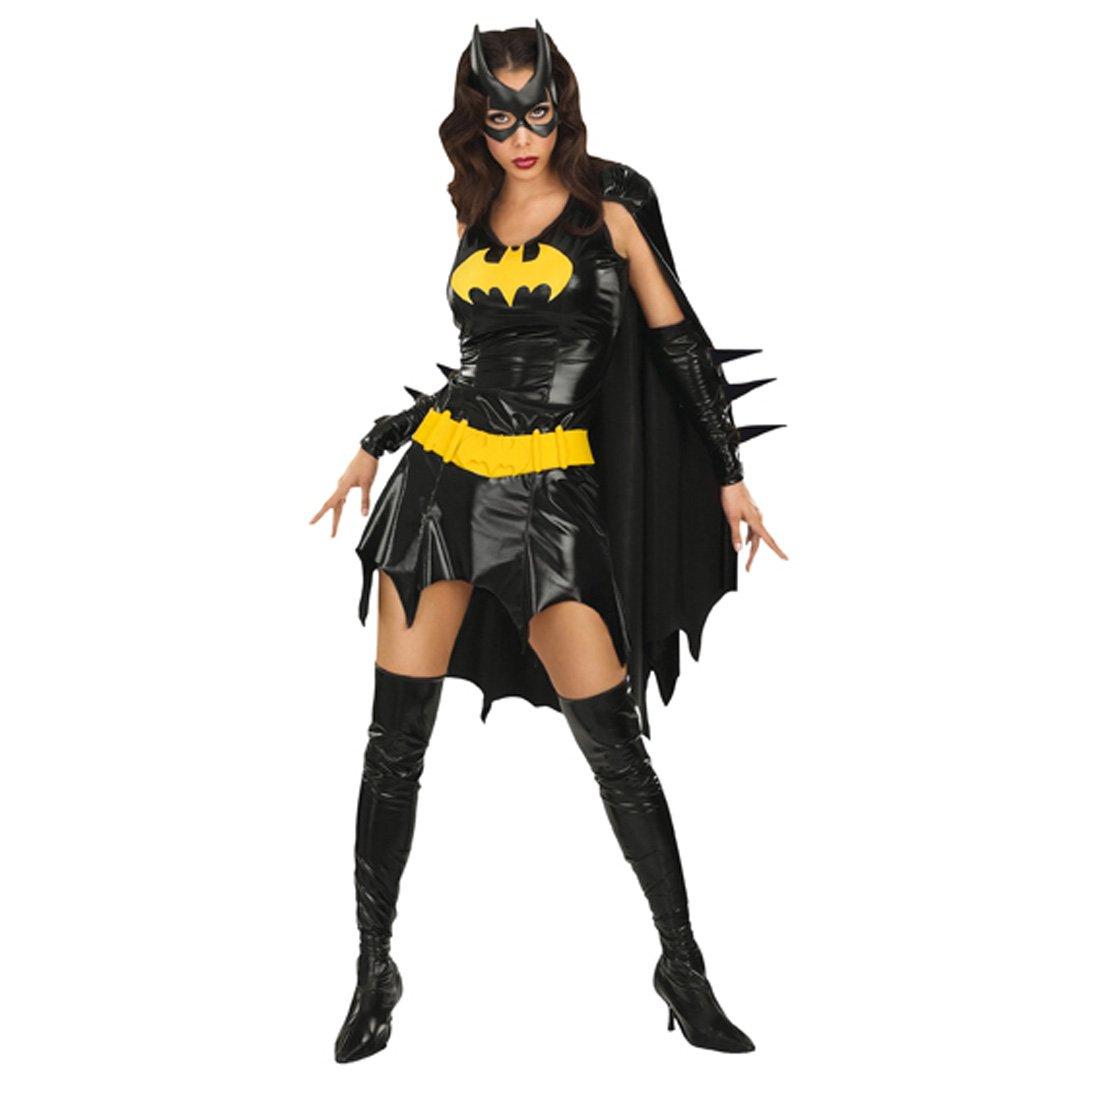 Batgirl déguisement noir 34/36 super héros bat girl outfit panel karnevalkostuuml;m chauve-souris pour femme femmes